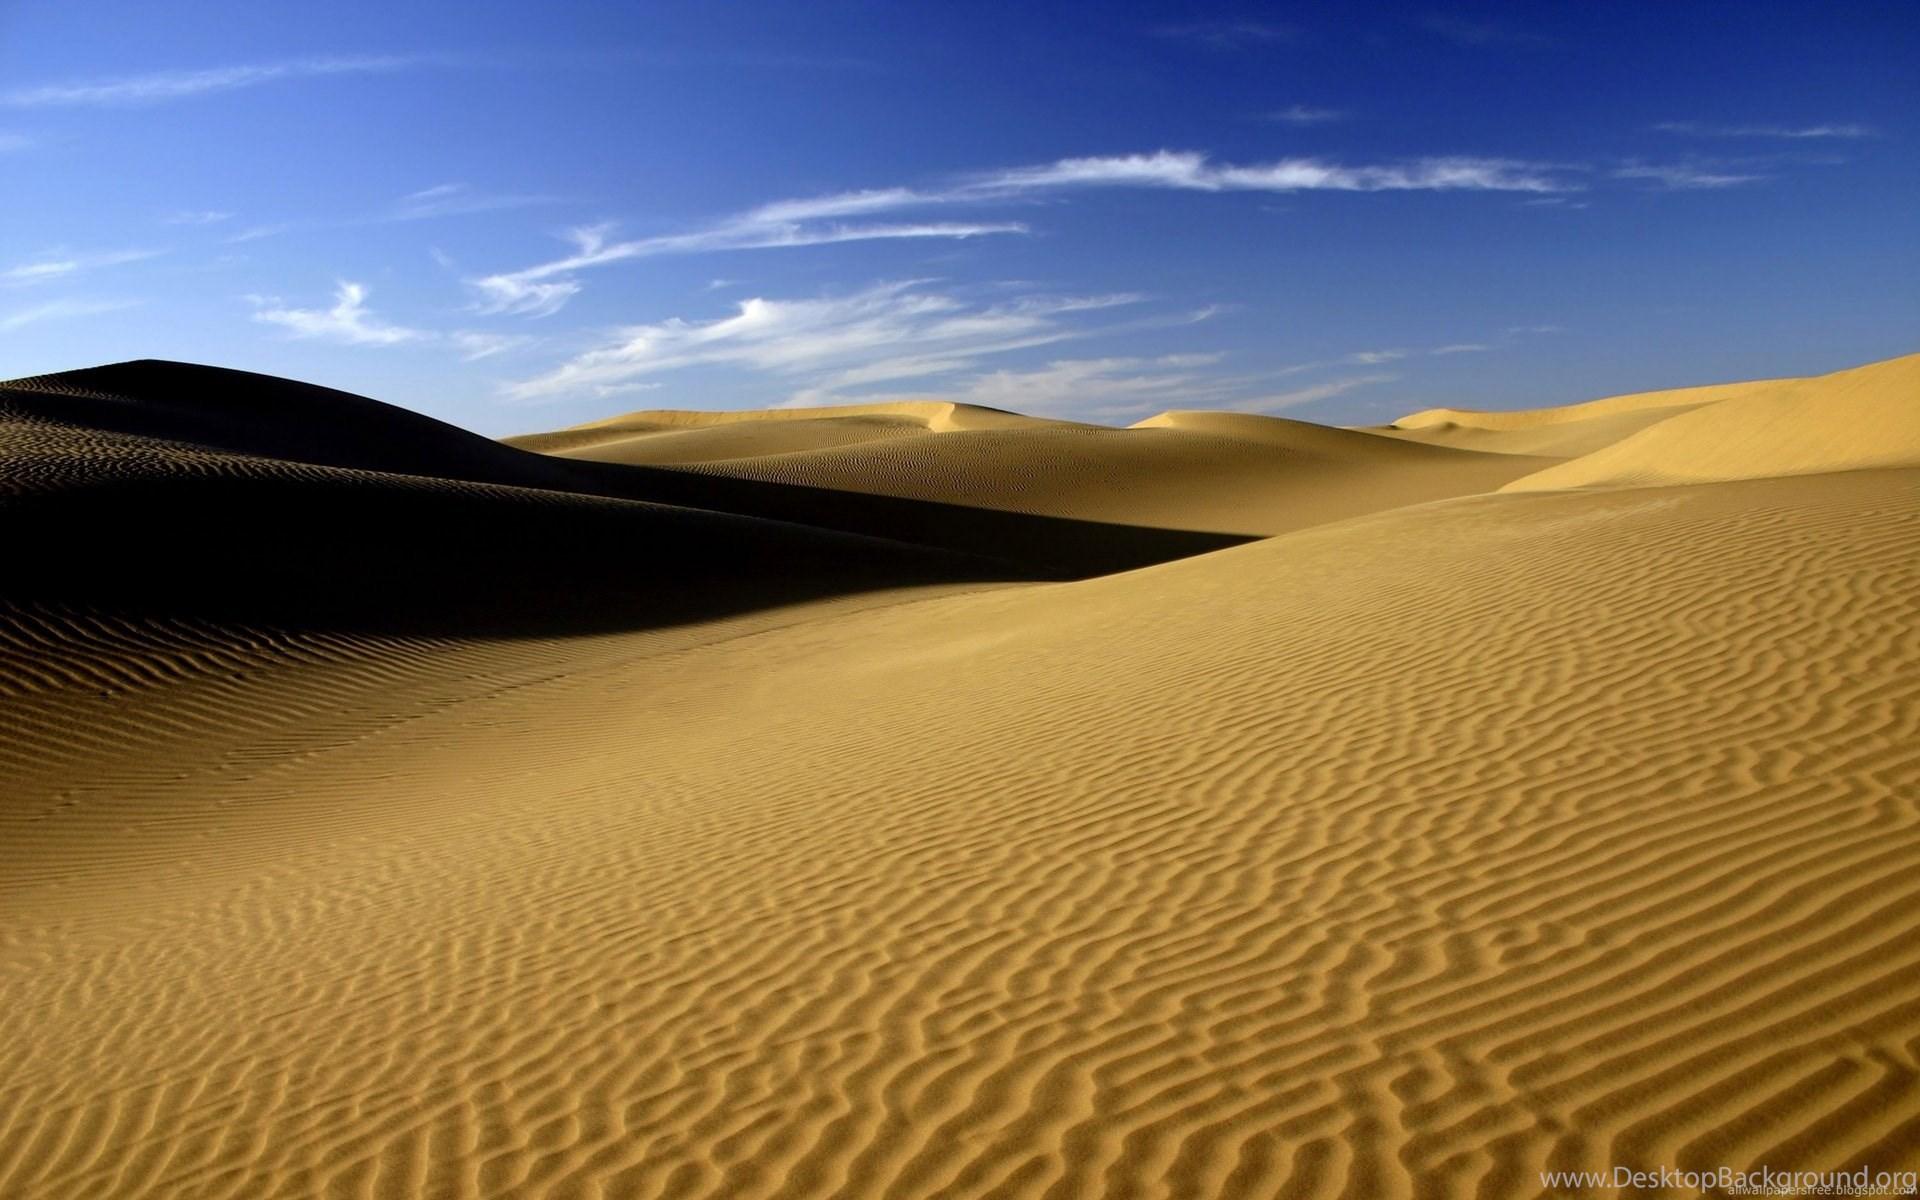 hd wonderful desert wallpapers for desktop full size